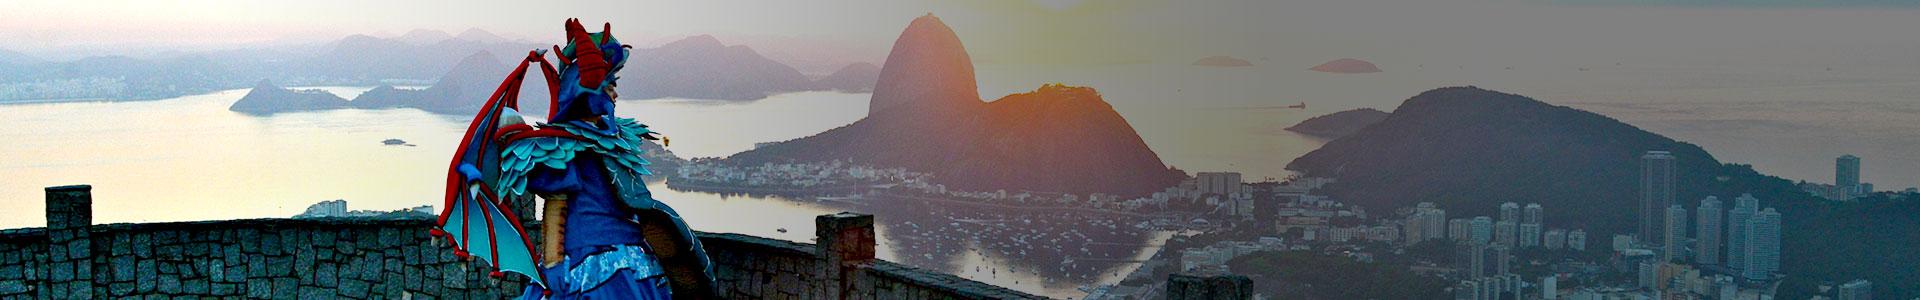 Evento empresarial de Carnaval no Rio de Janeiro